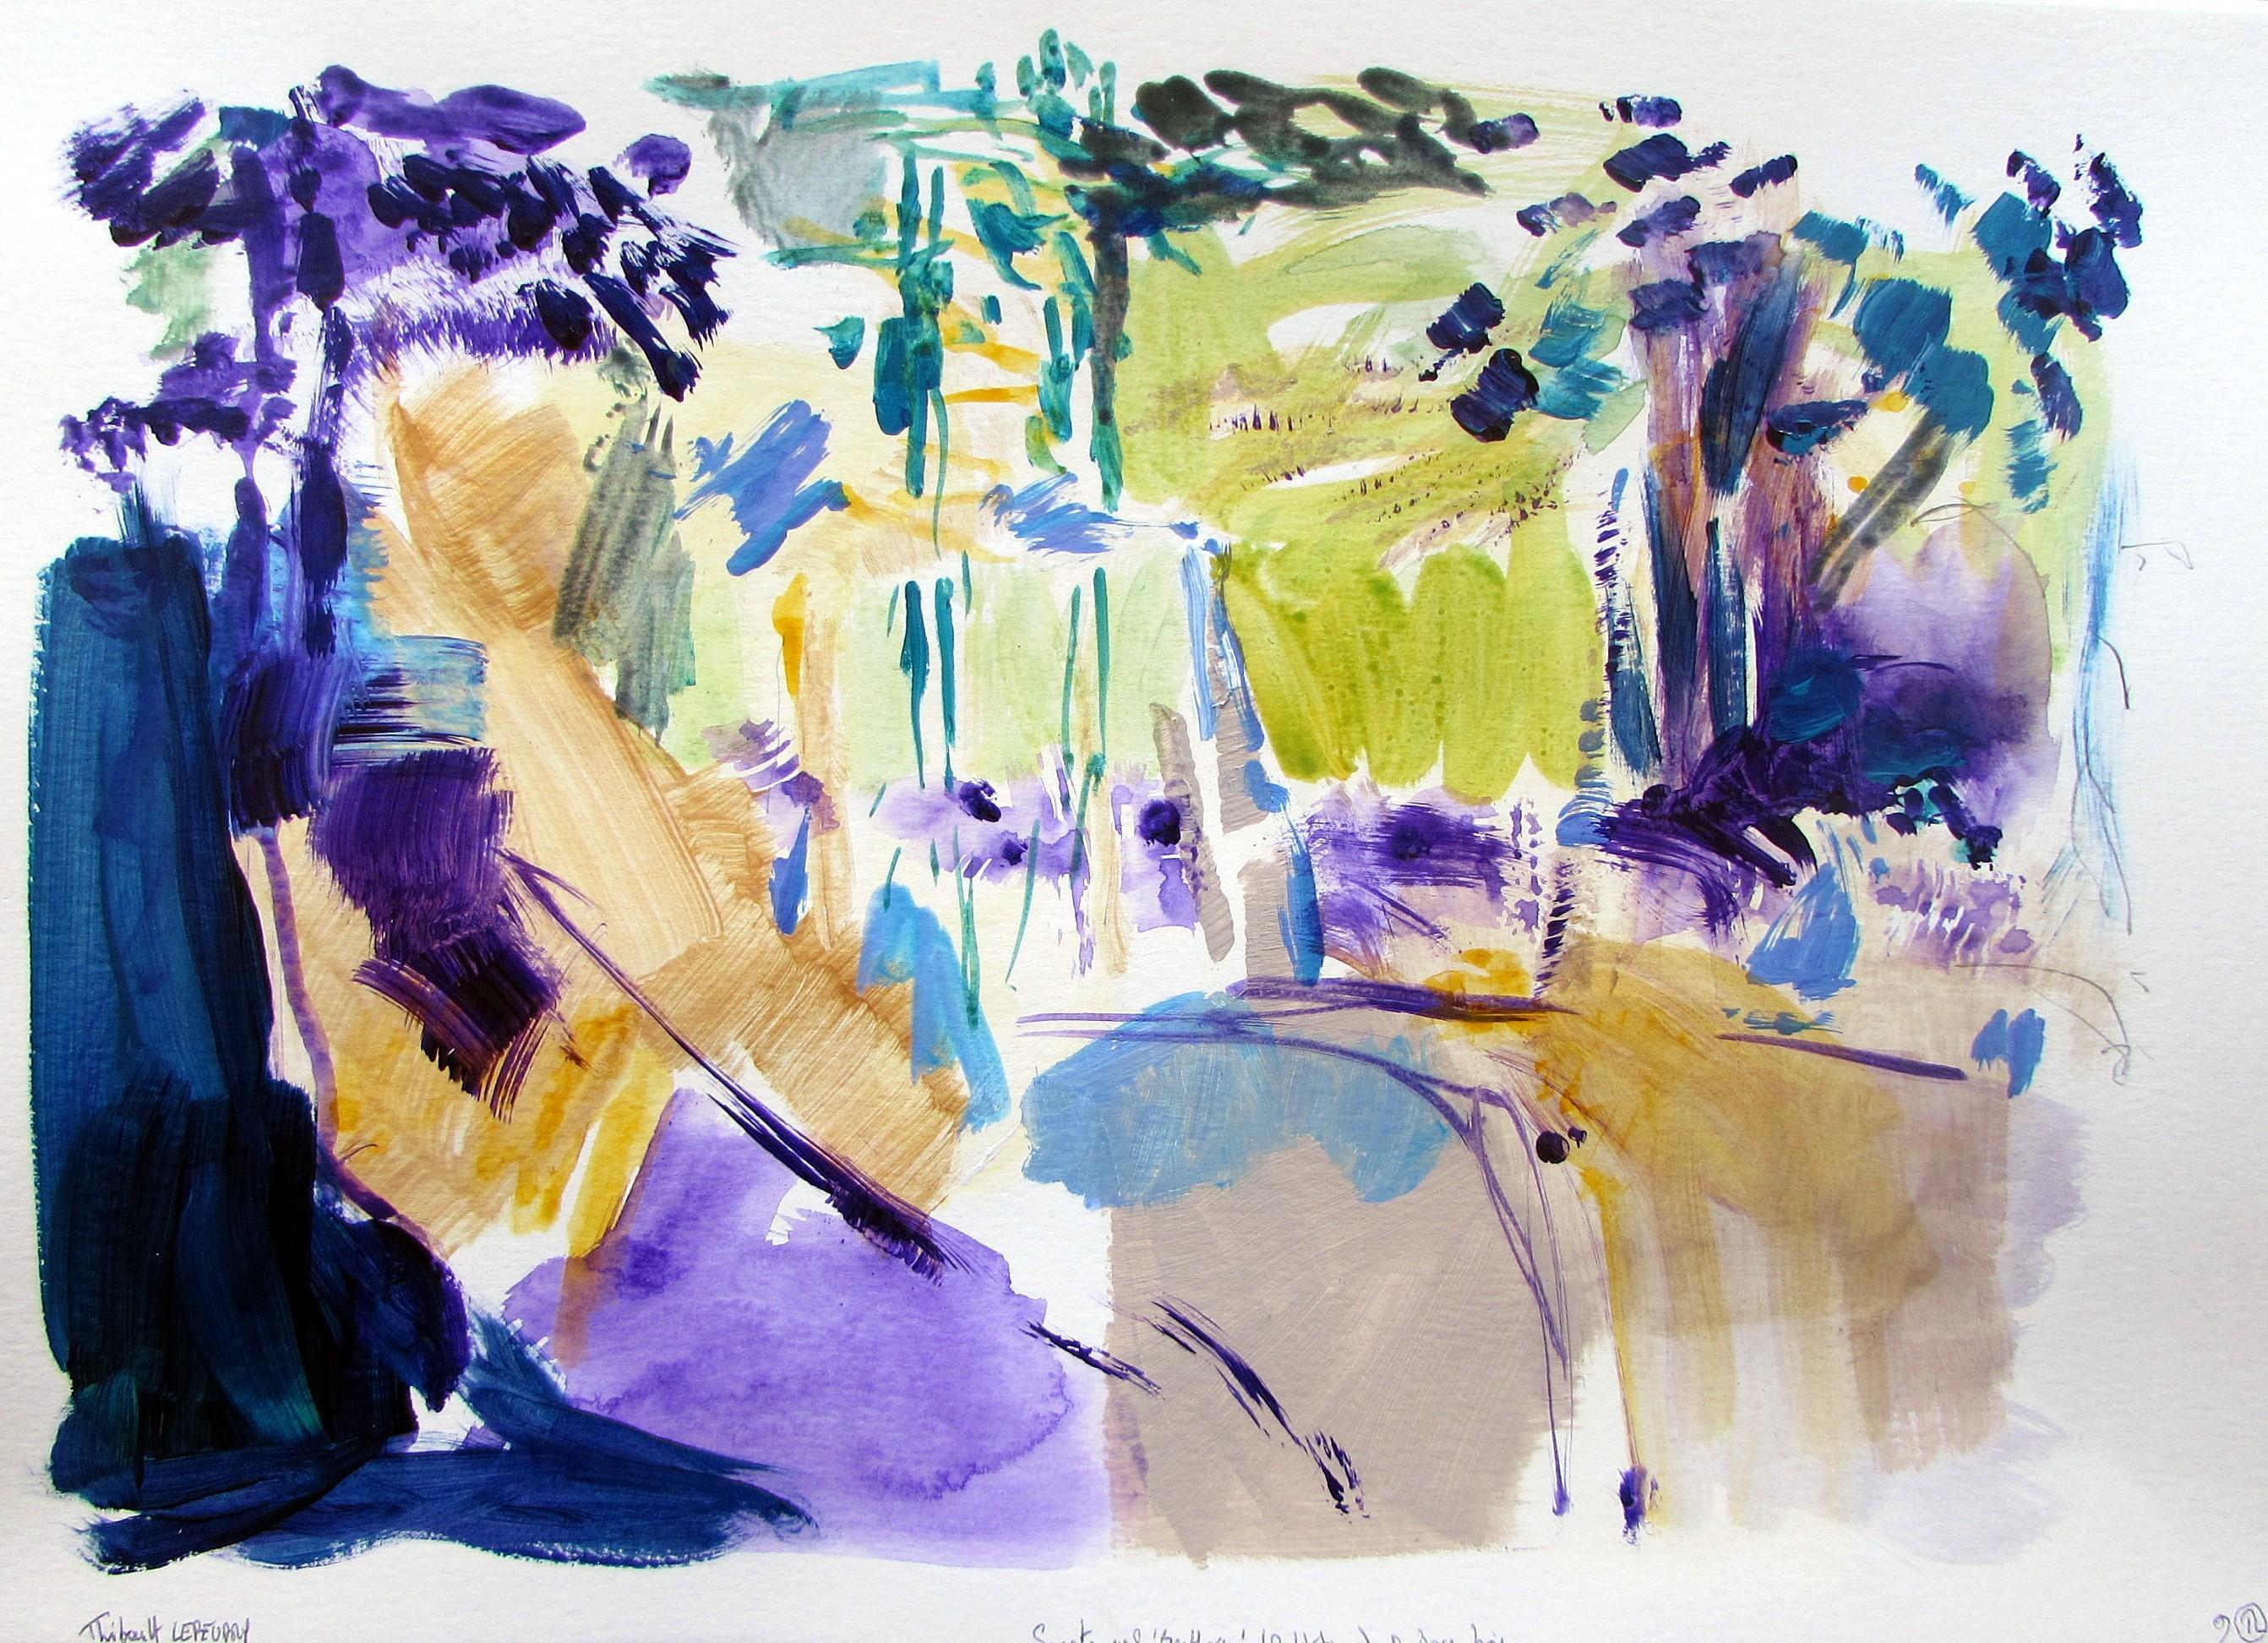 Huile ou acrylique : pour quelle peinture